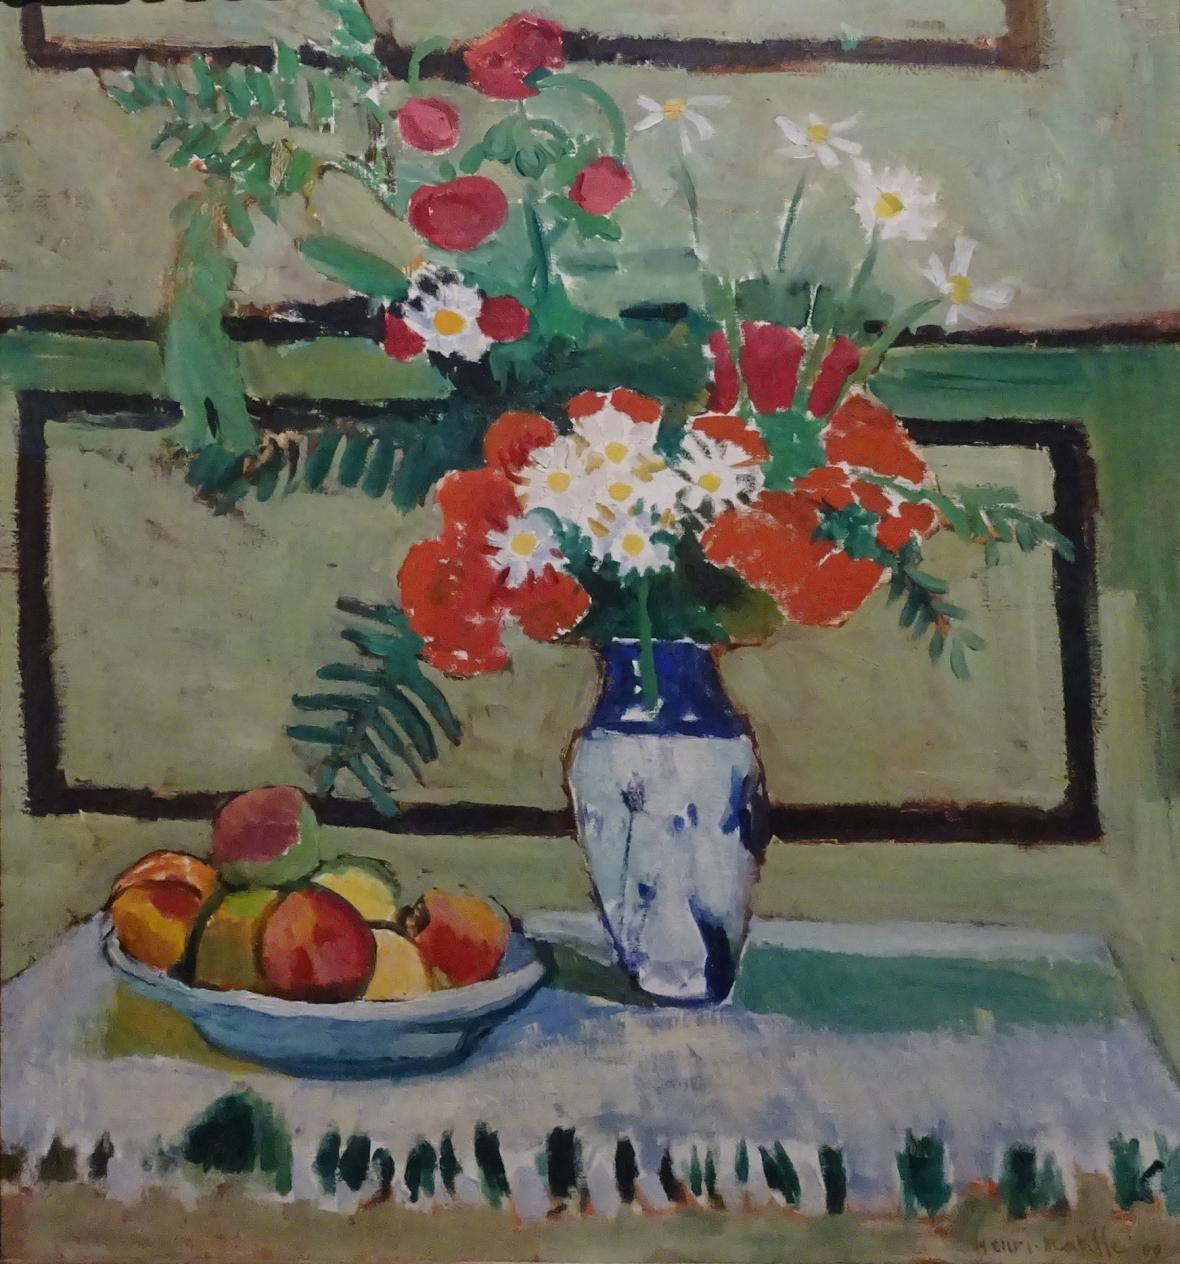 Henri Matisse / Květiny a ovoce, 1909